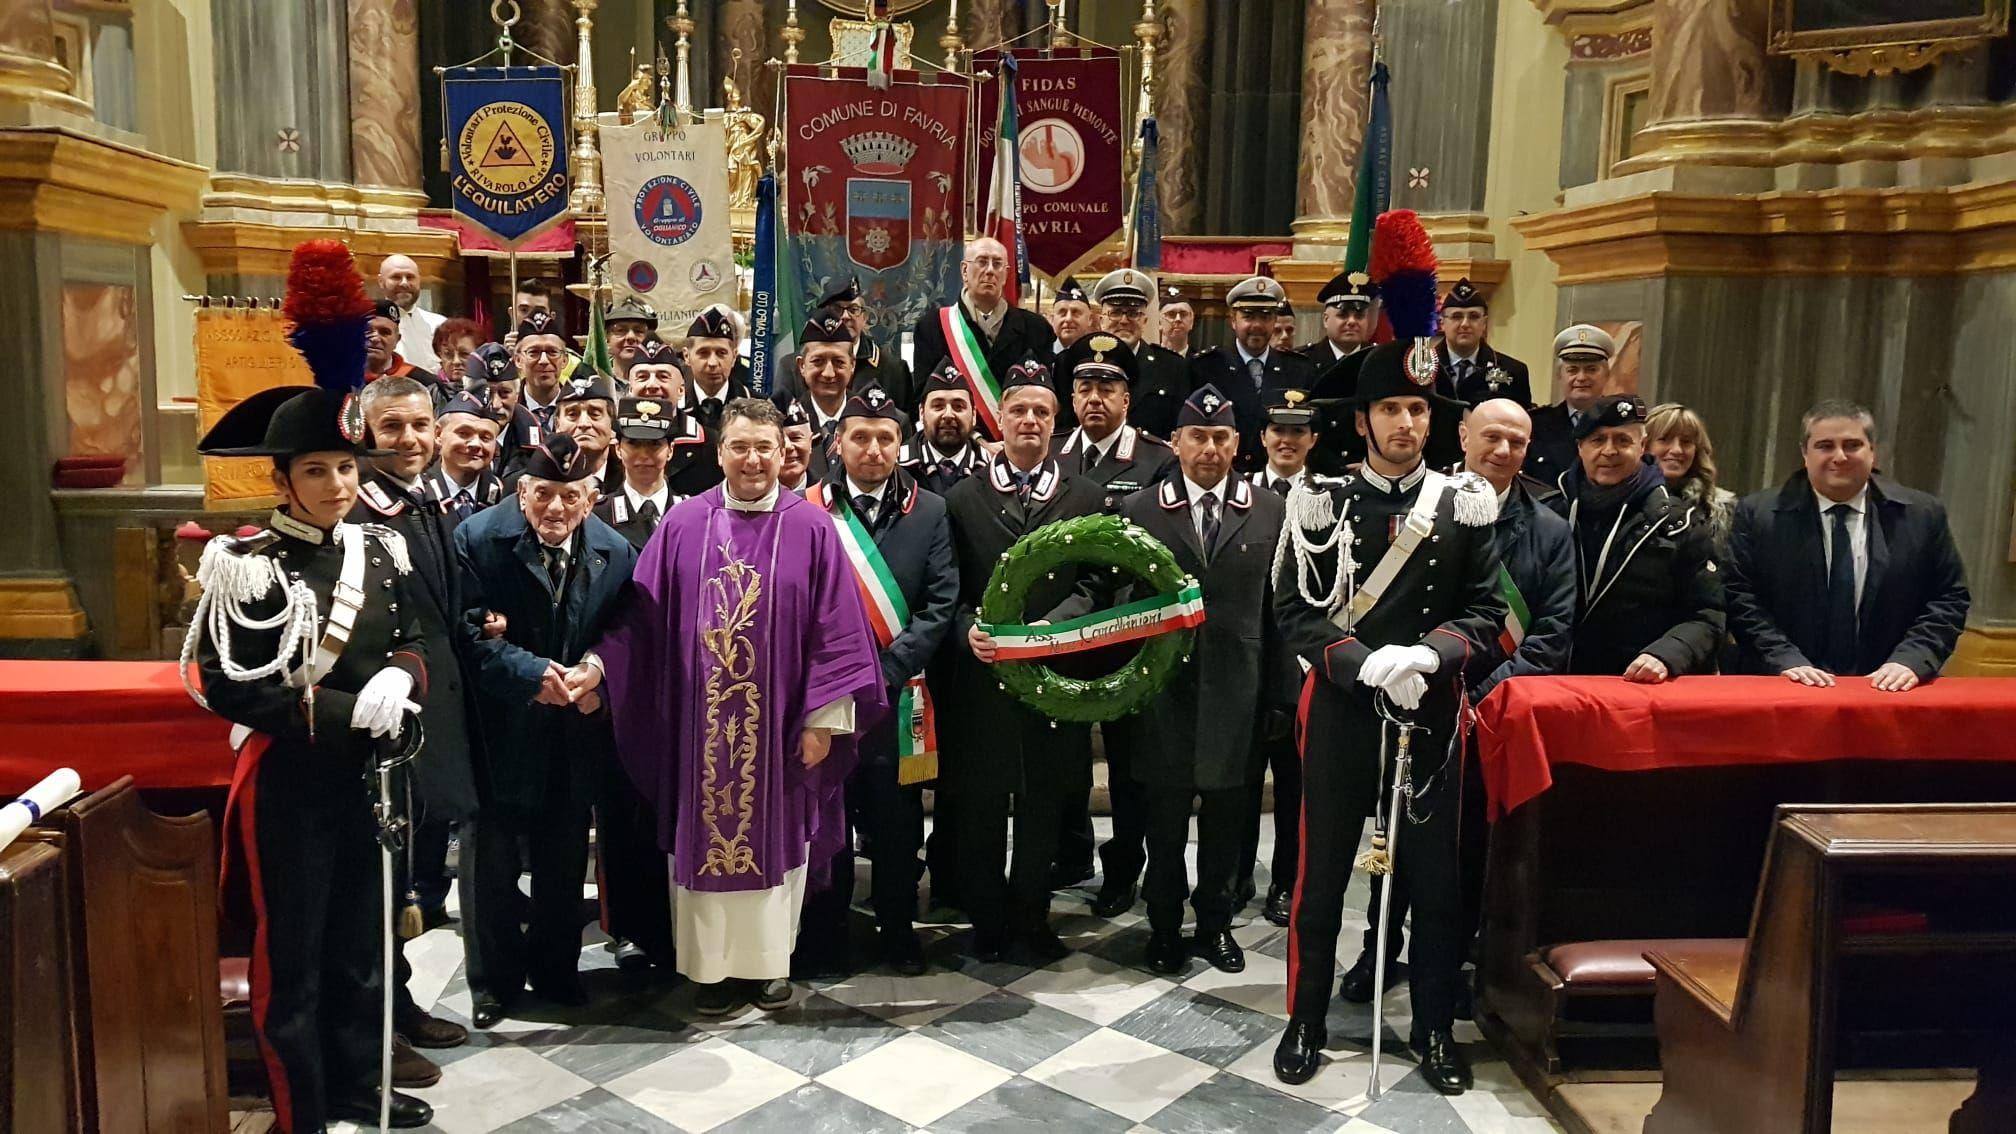 FAVRIA - Celebrata la Virgo Fidelis dei carabinieri con un omaggio al maresciallo Aurelio Croce - VIDEO